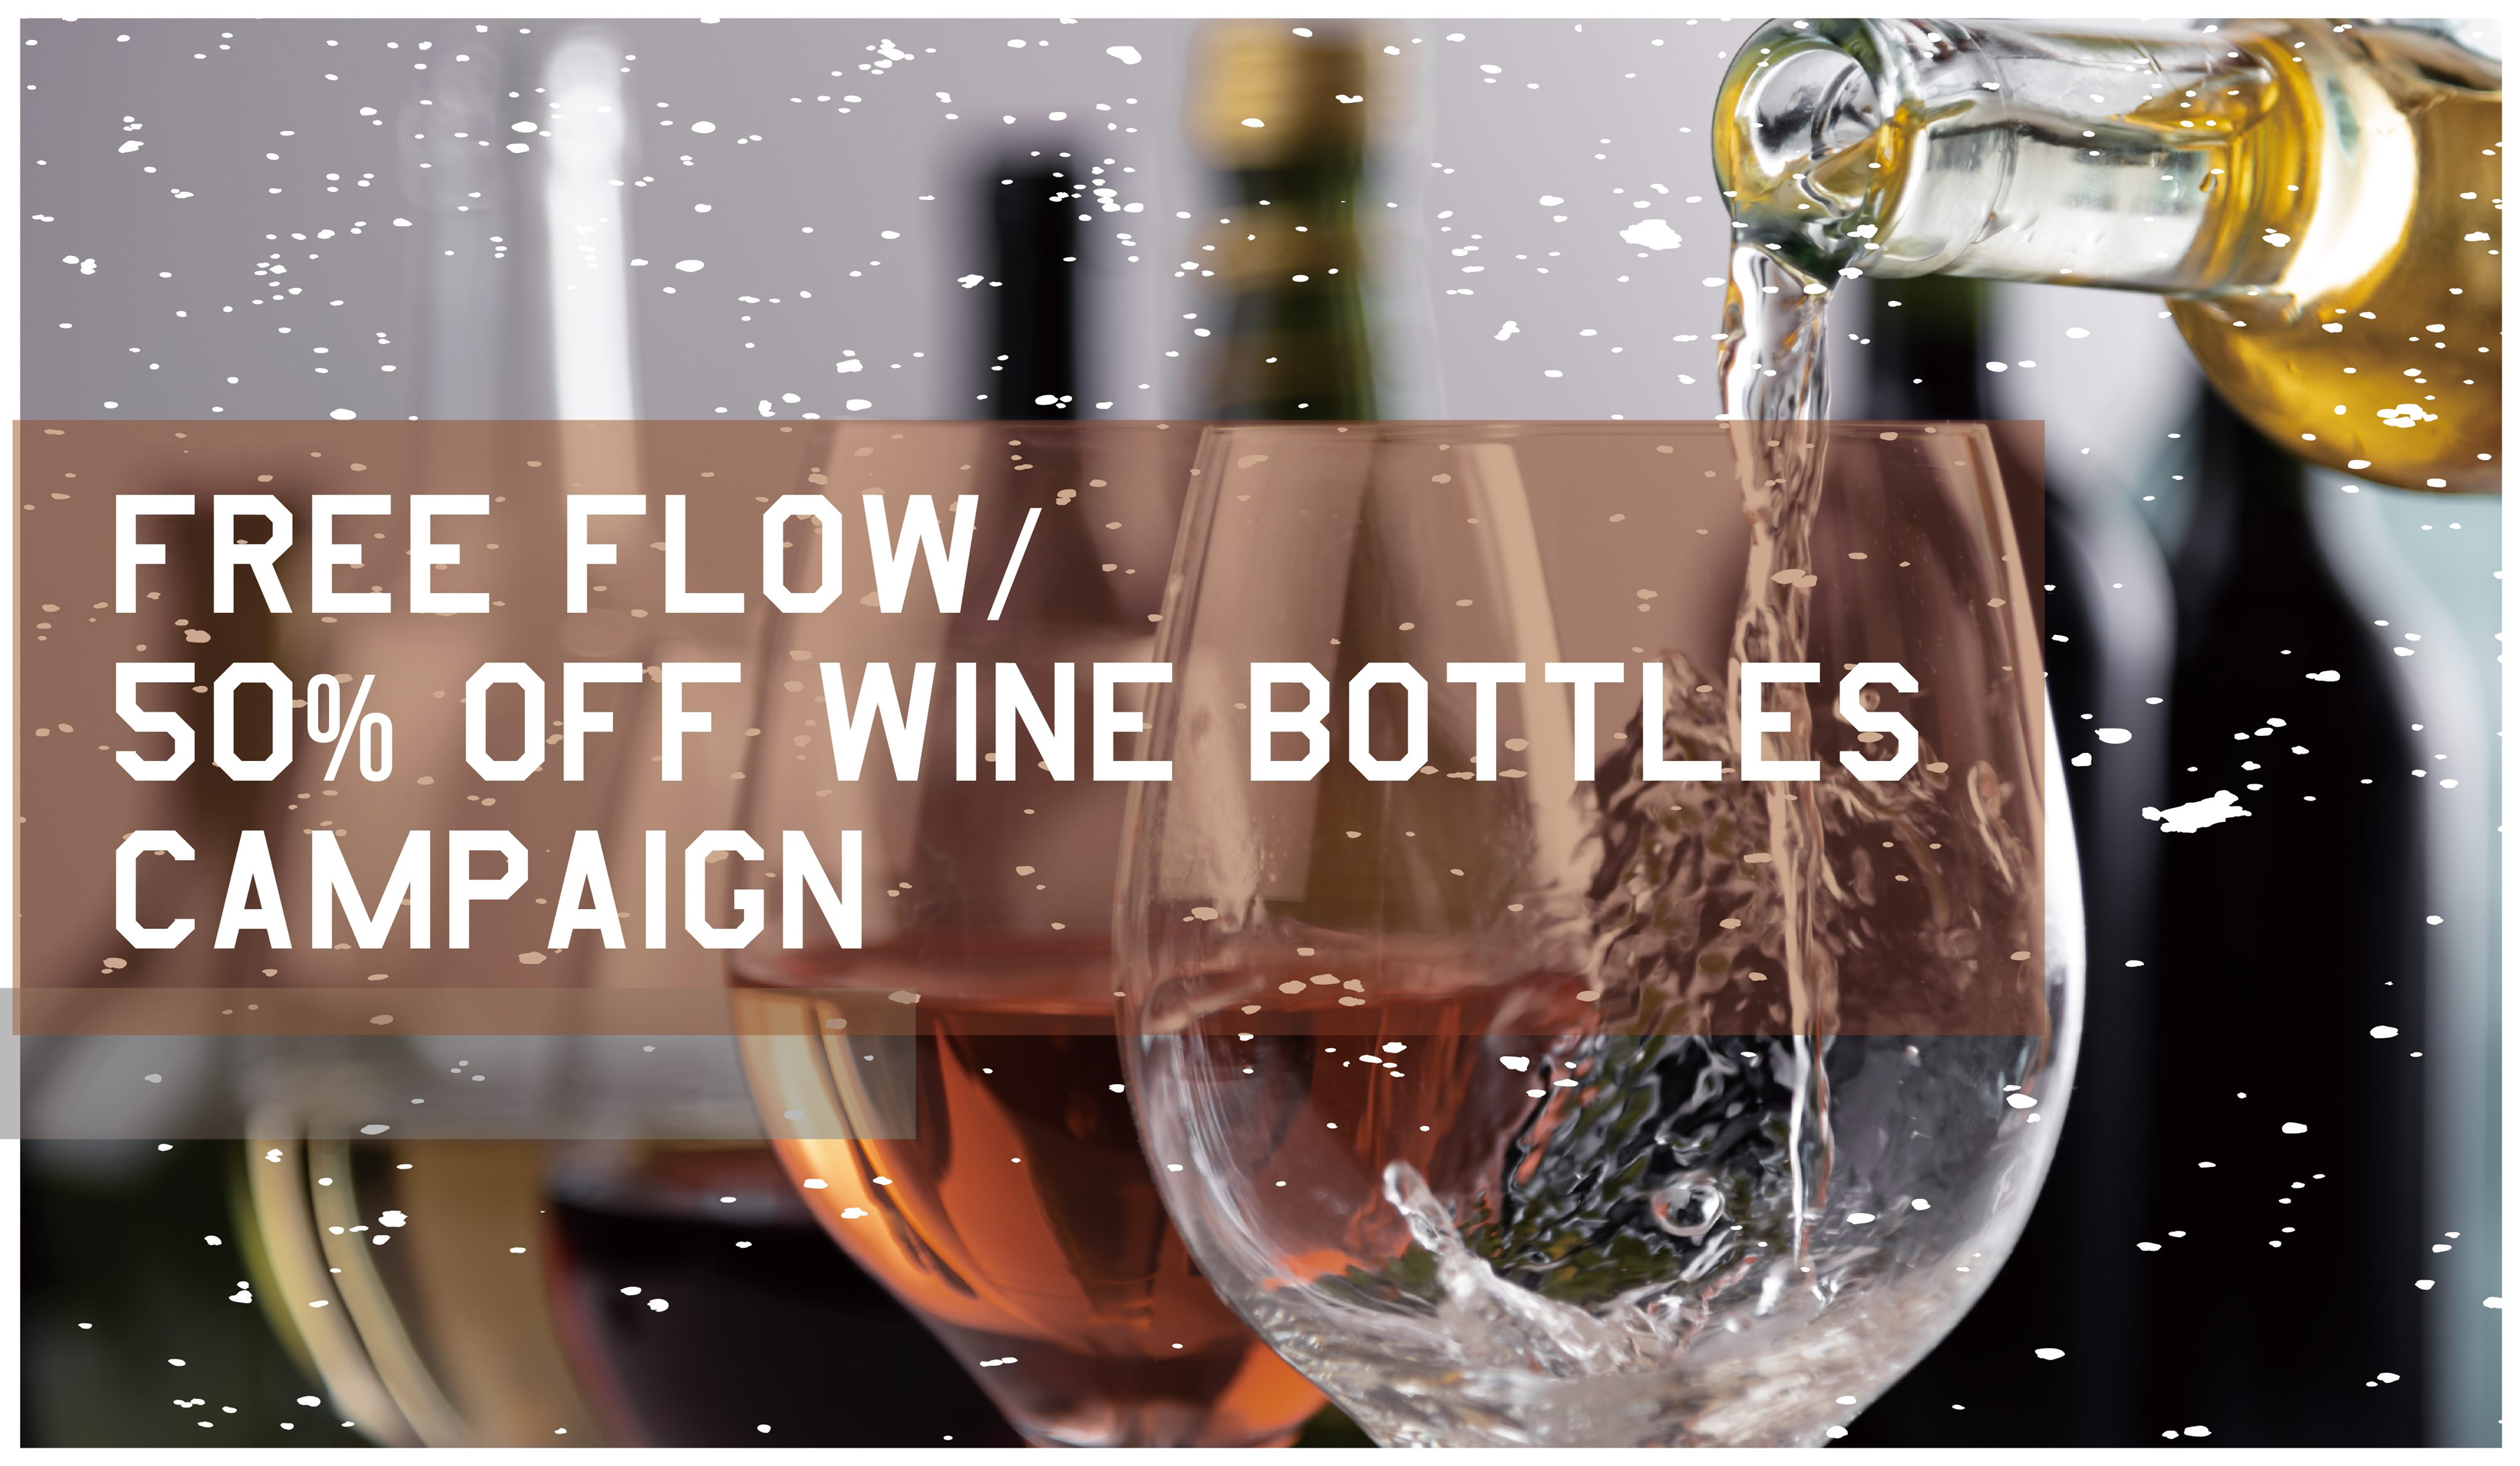 【たくさん飲みたい方へ!】ビール・スパークリングワインの飲み放題やボトルワイン半額キャンペーン!